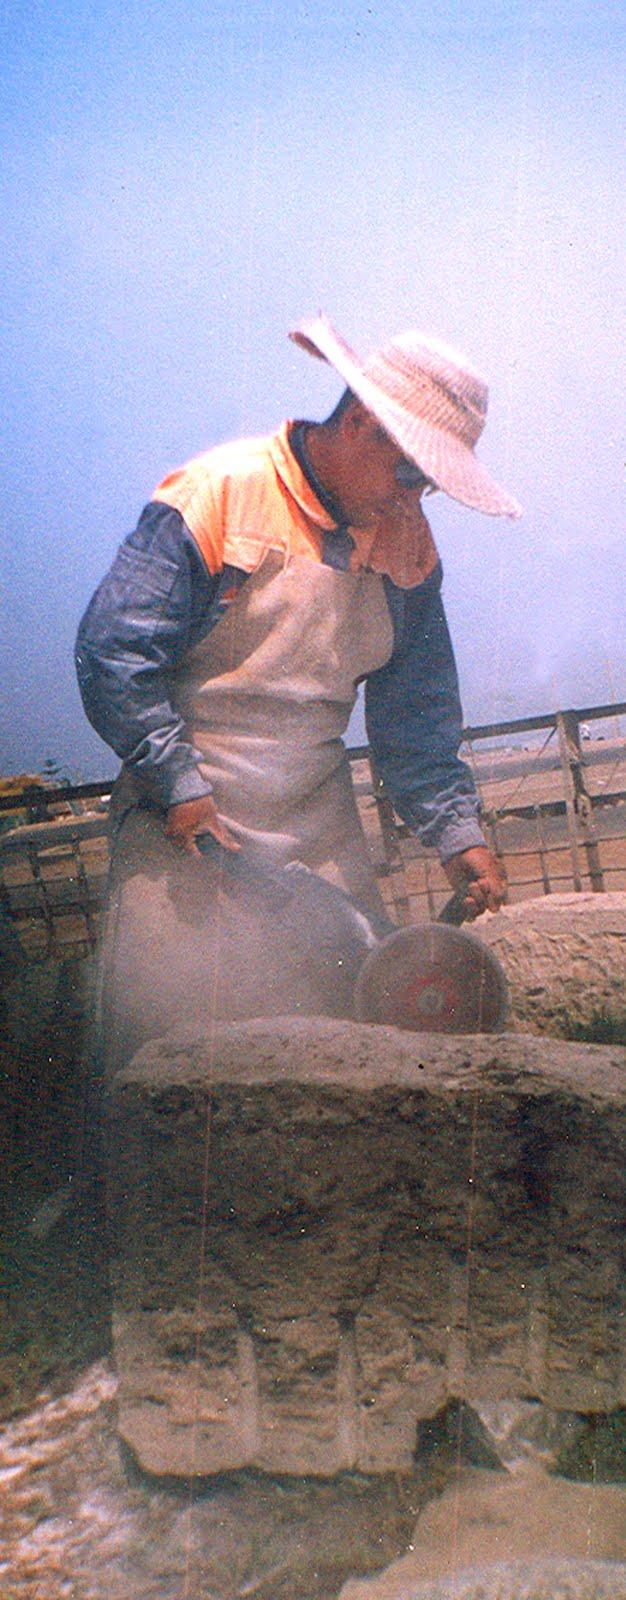 Gino L. Ataucusi Arenas